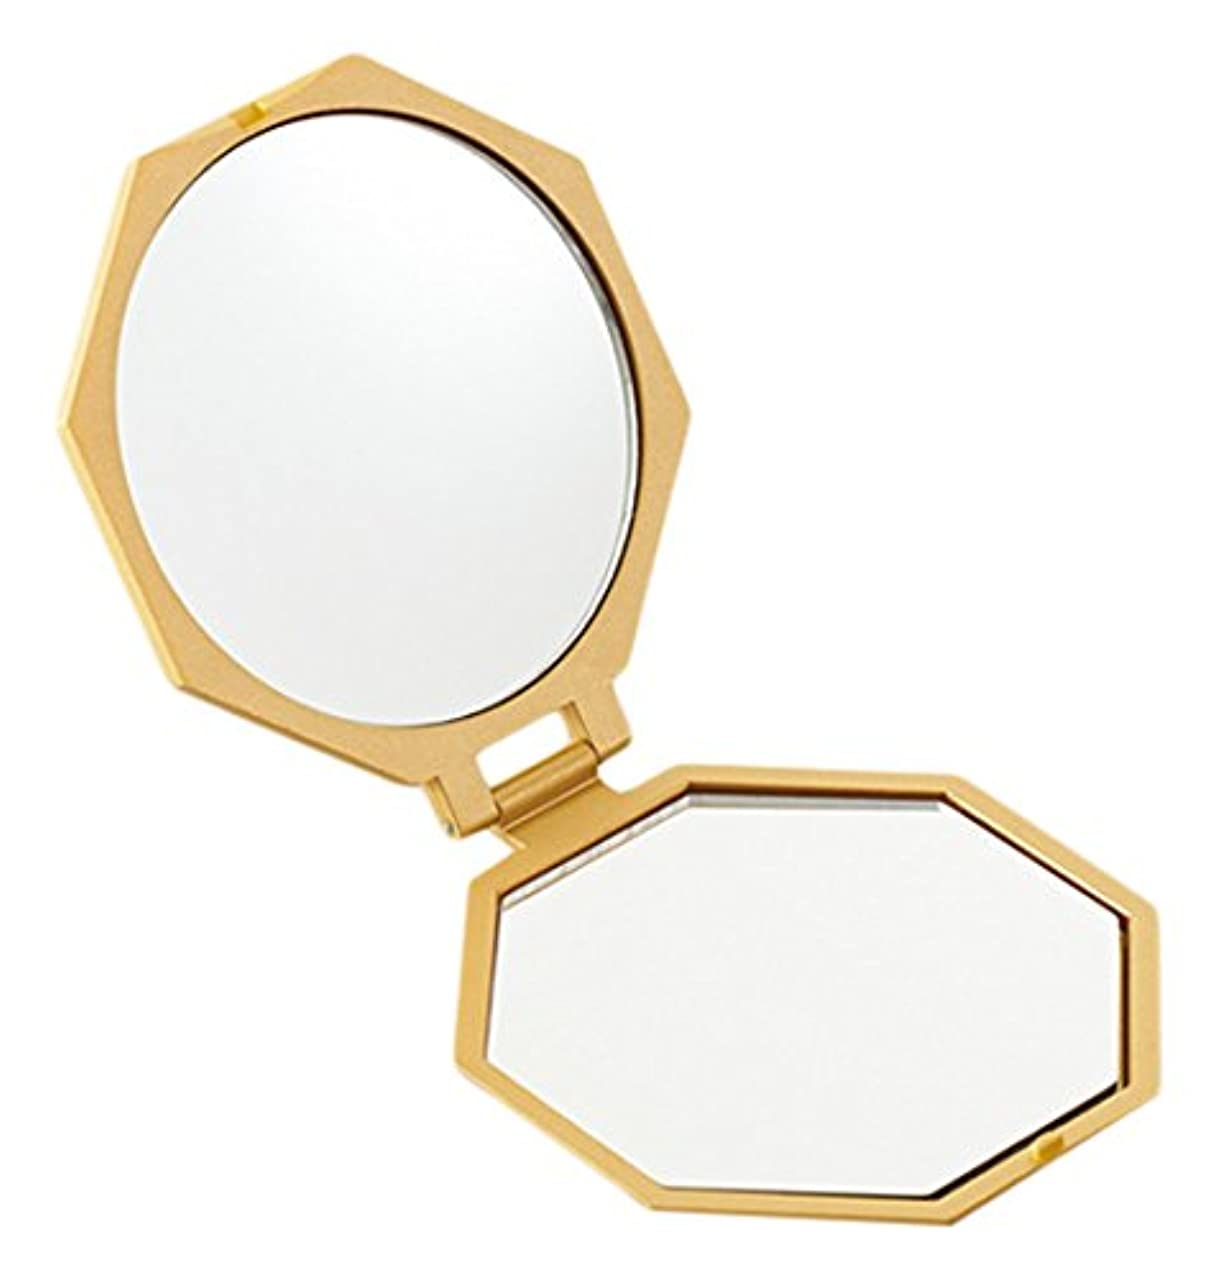 退屈なソブリケット株式アイメディア 10倍拡大鏡コンパクト八角ミラー